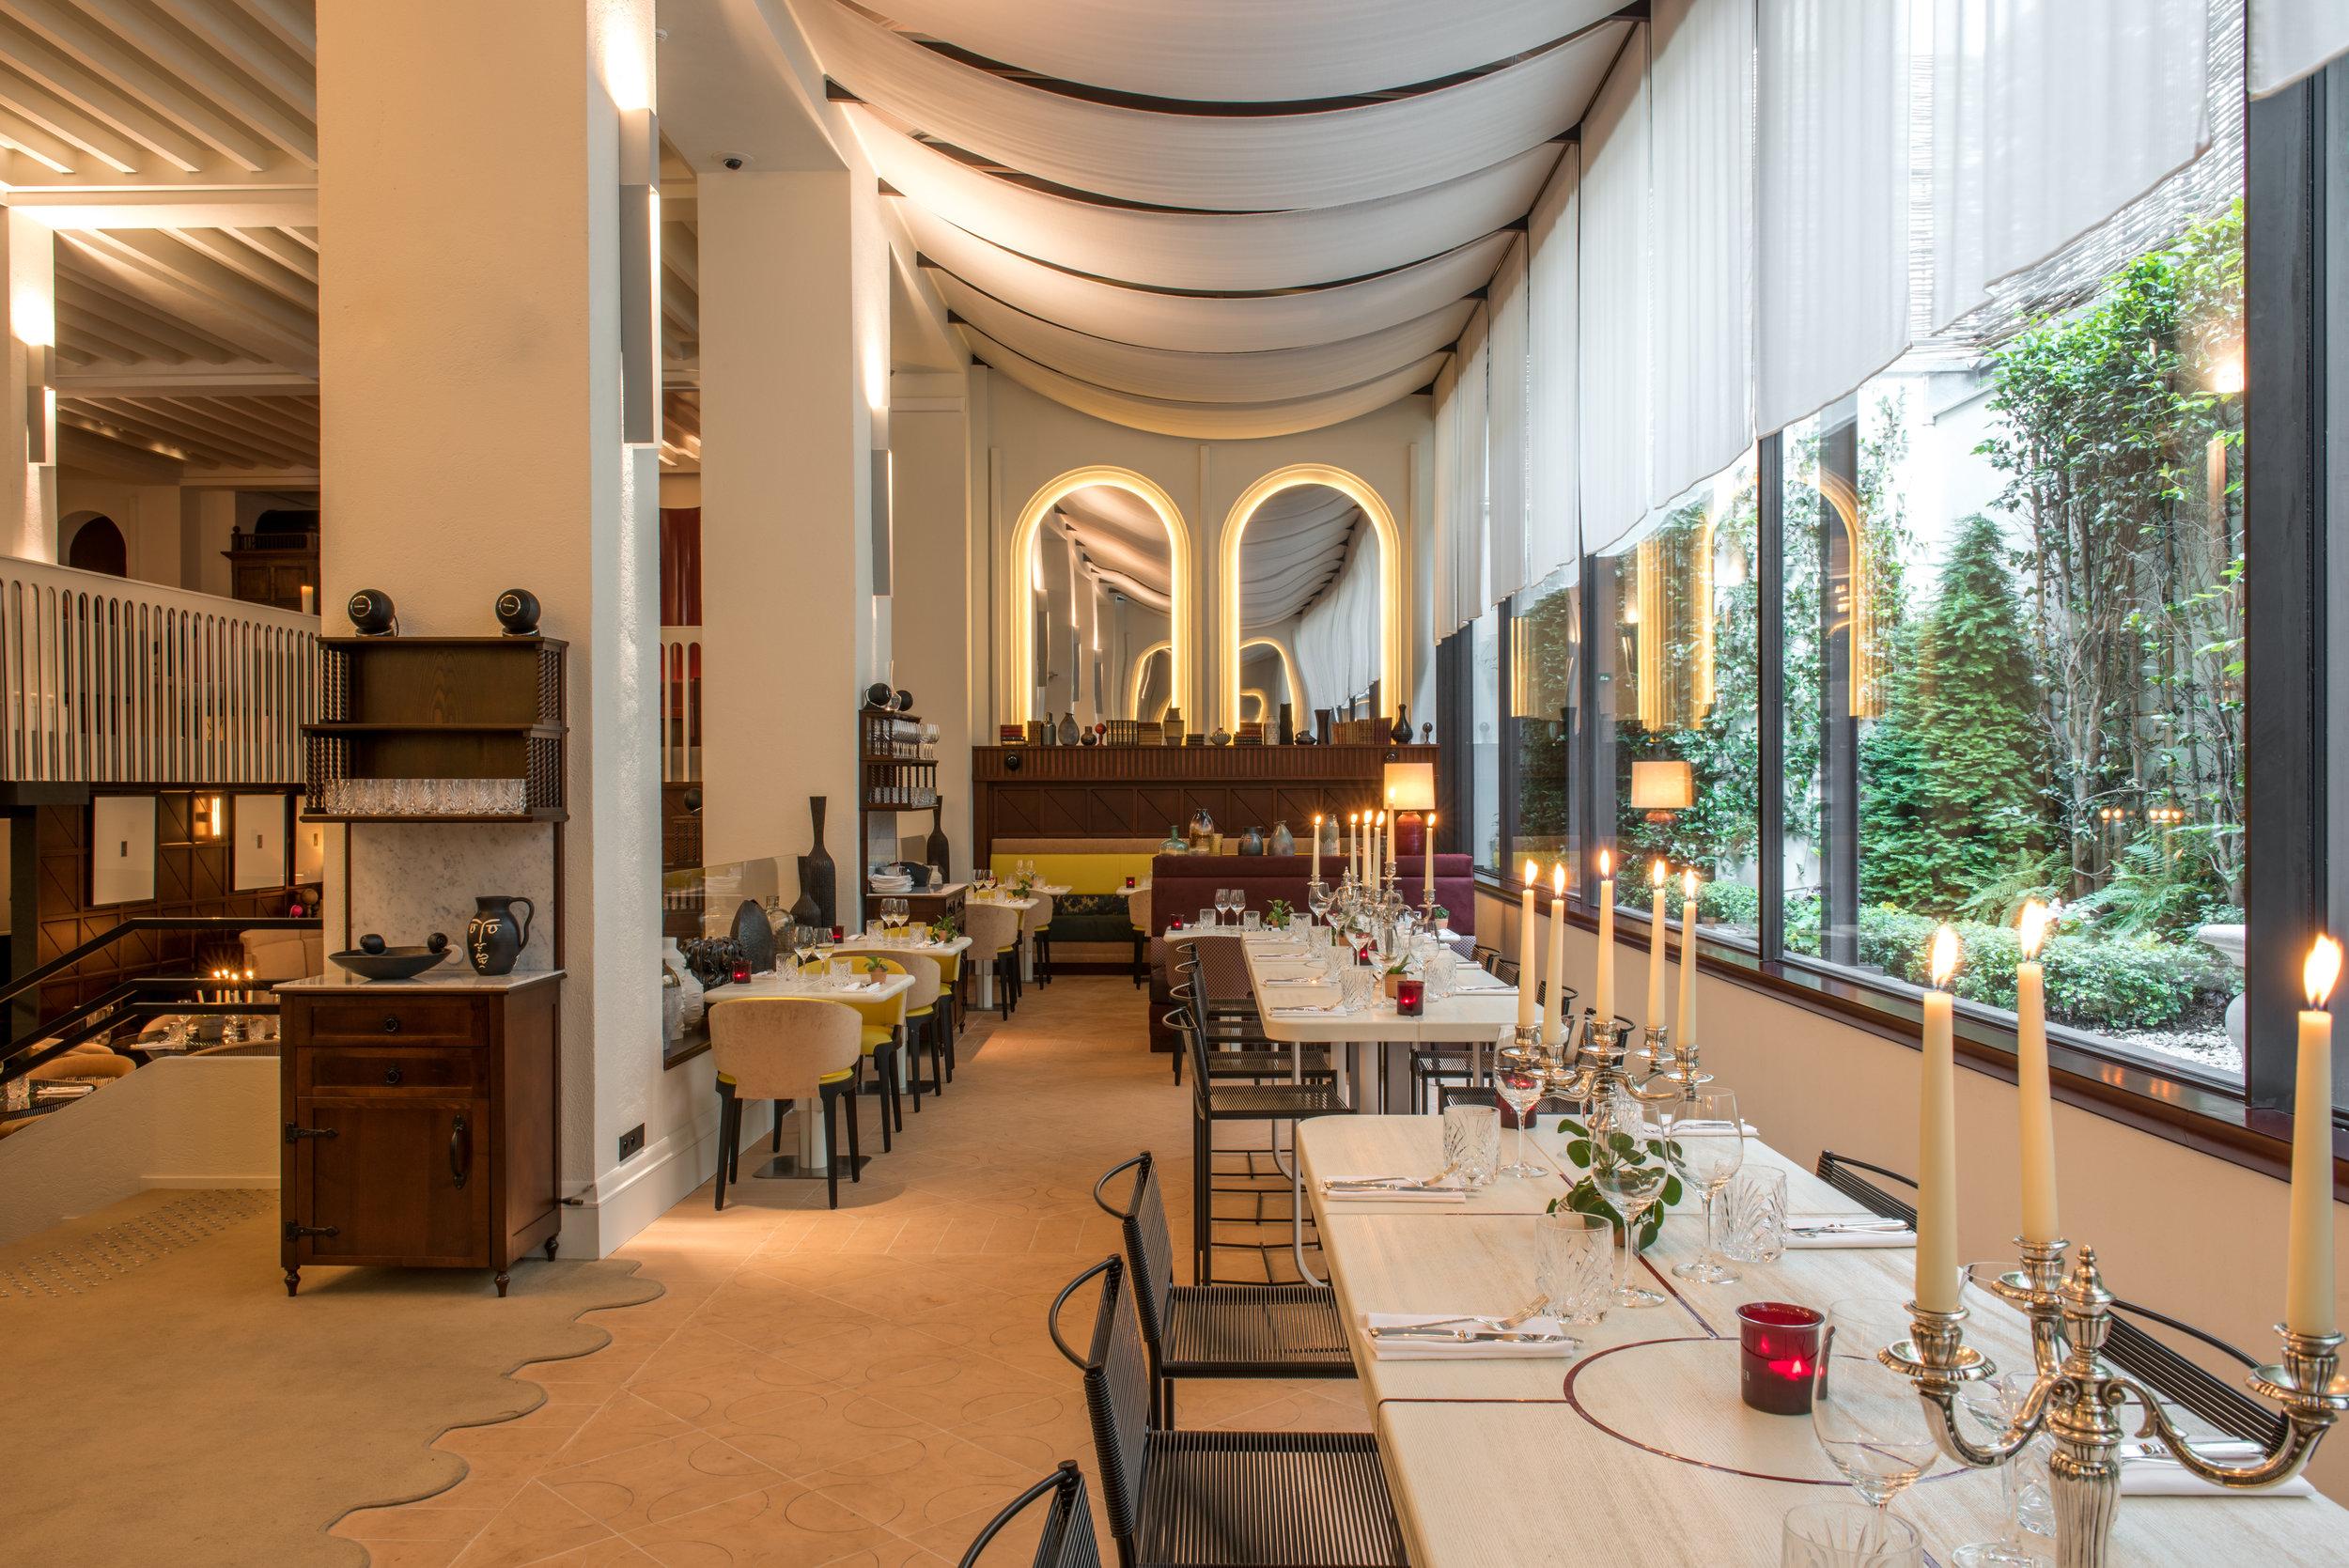 10 - Restaurant.jpg